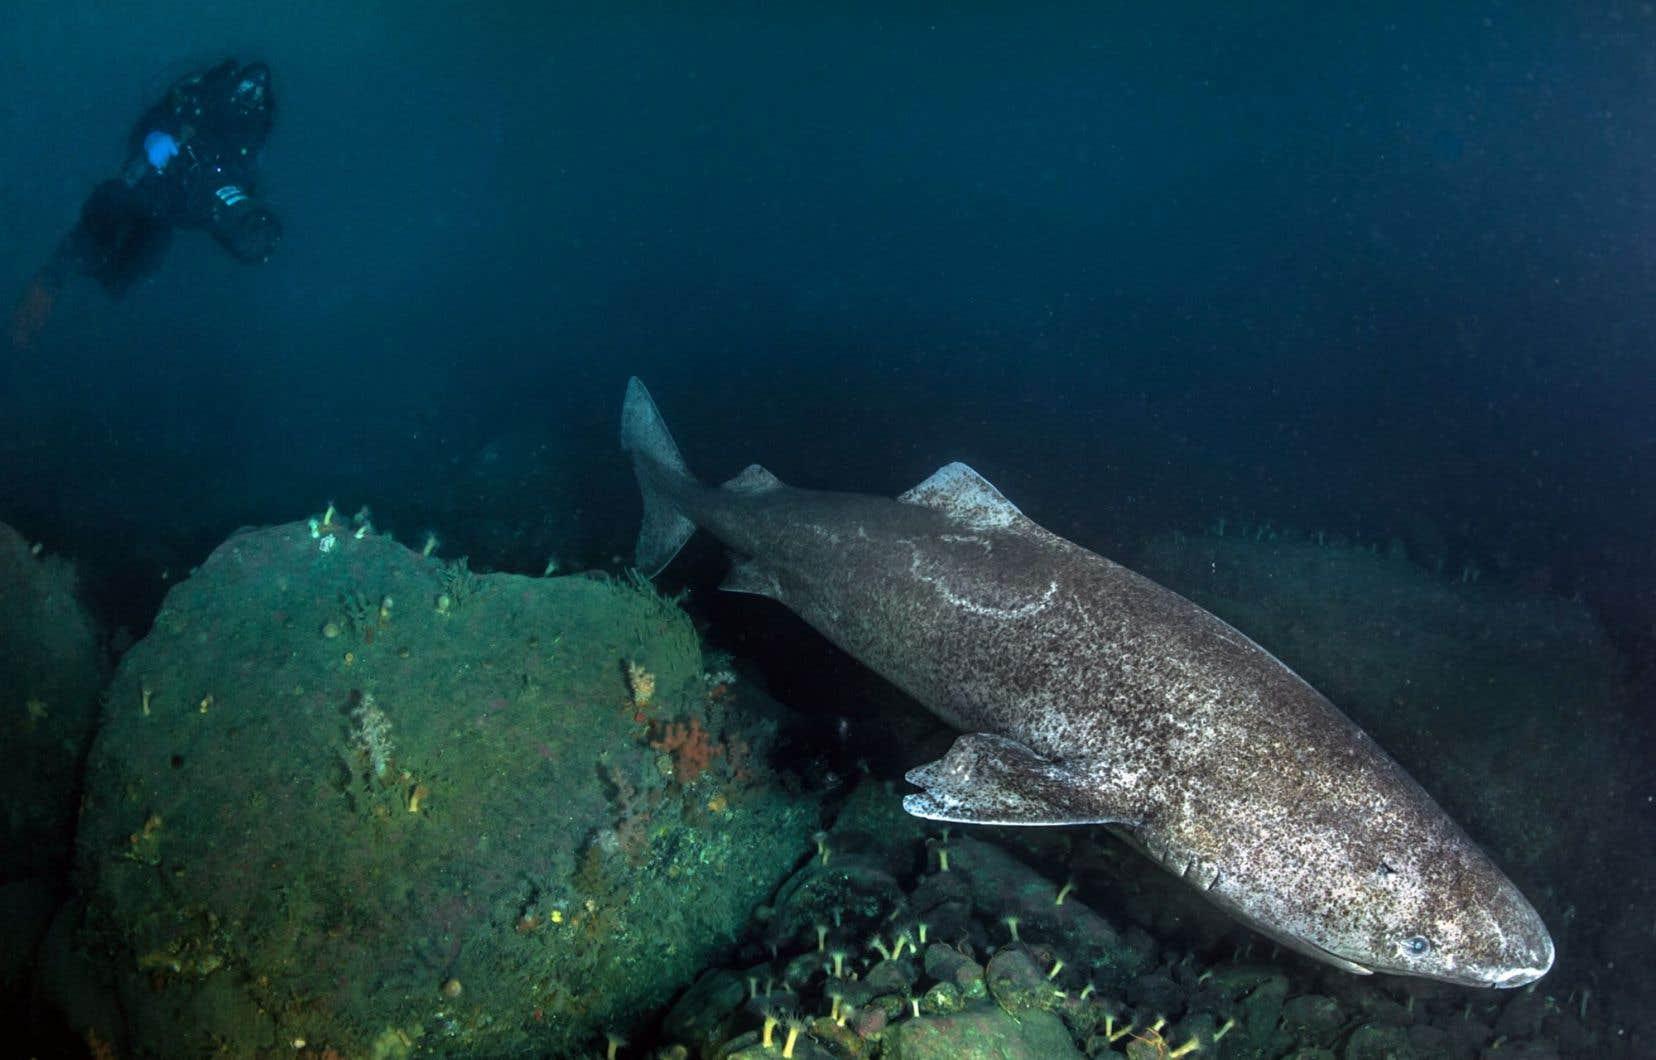 La durée de vie moyenne des requins du Groënland est d'environ 272 ans, ont estimé les auteurs de cette étude.